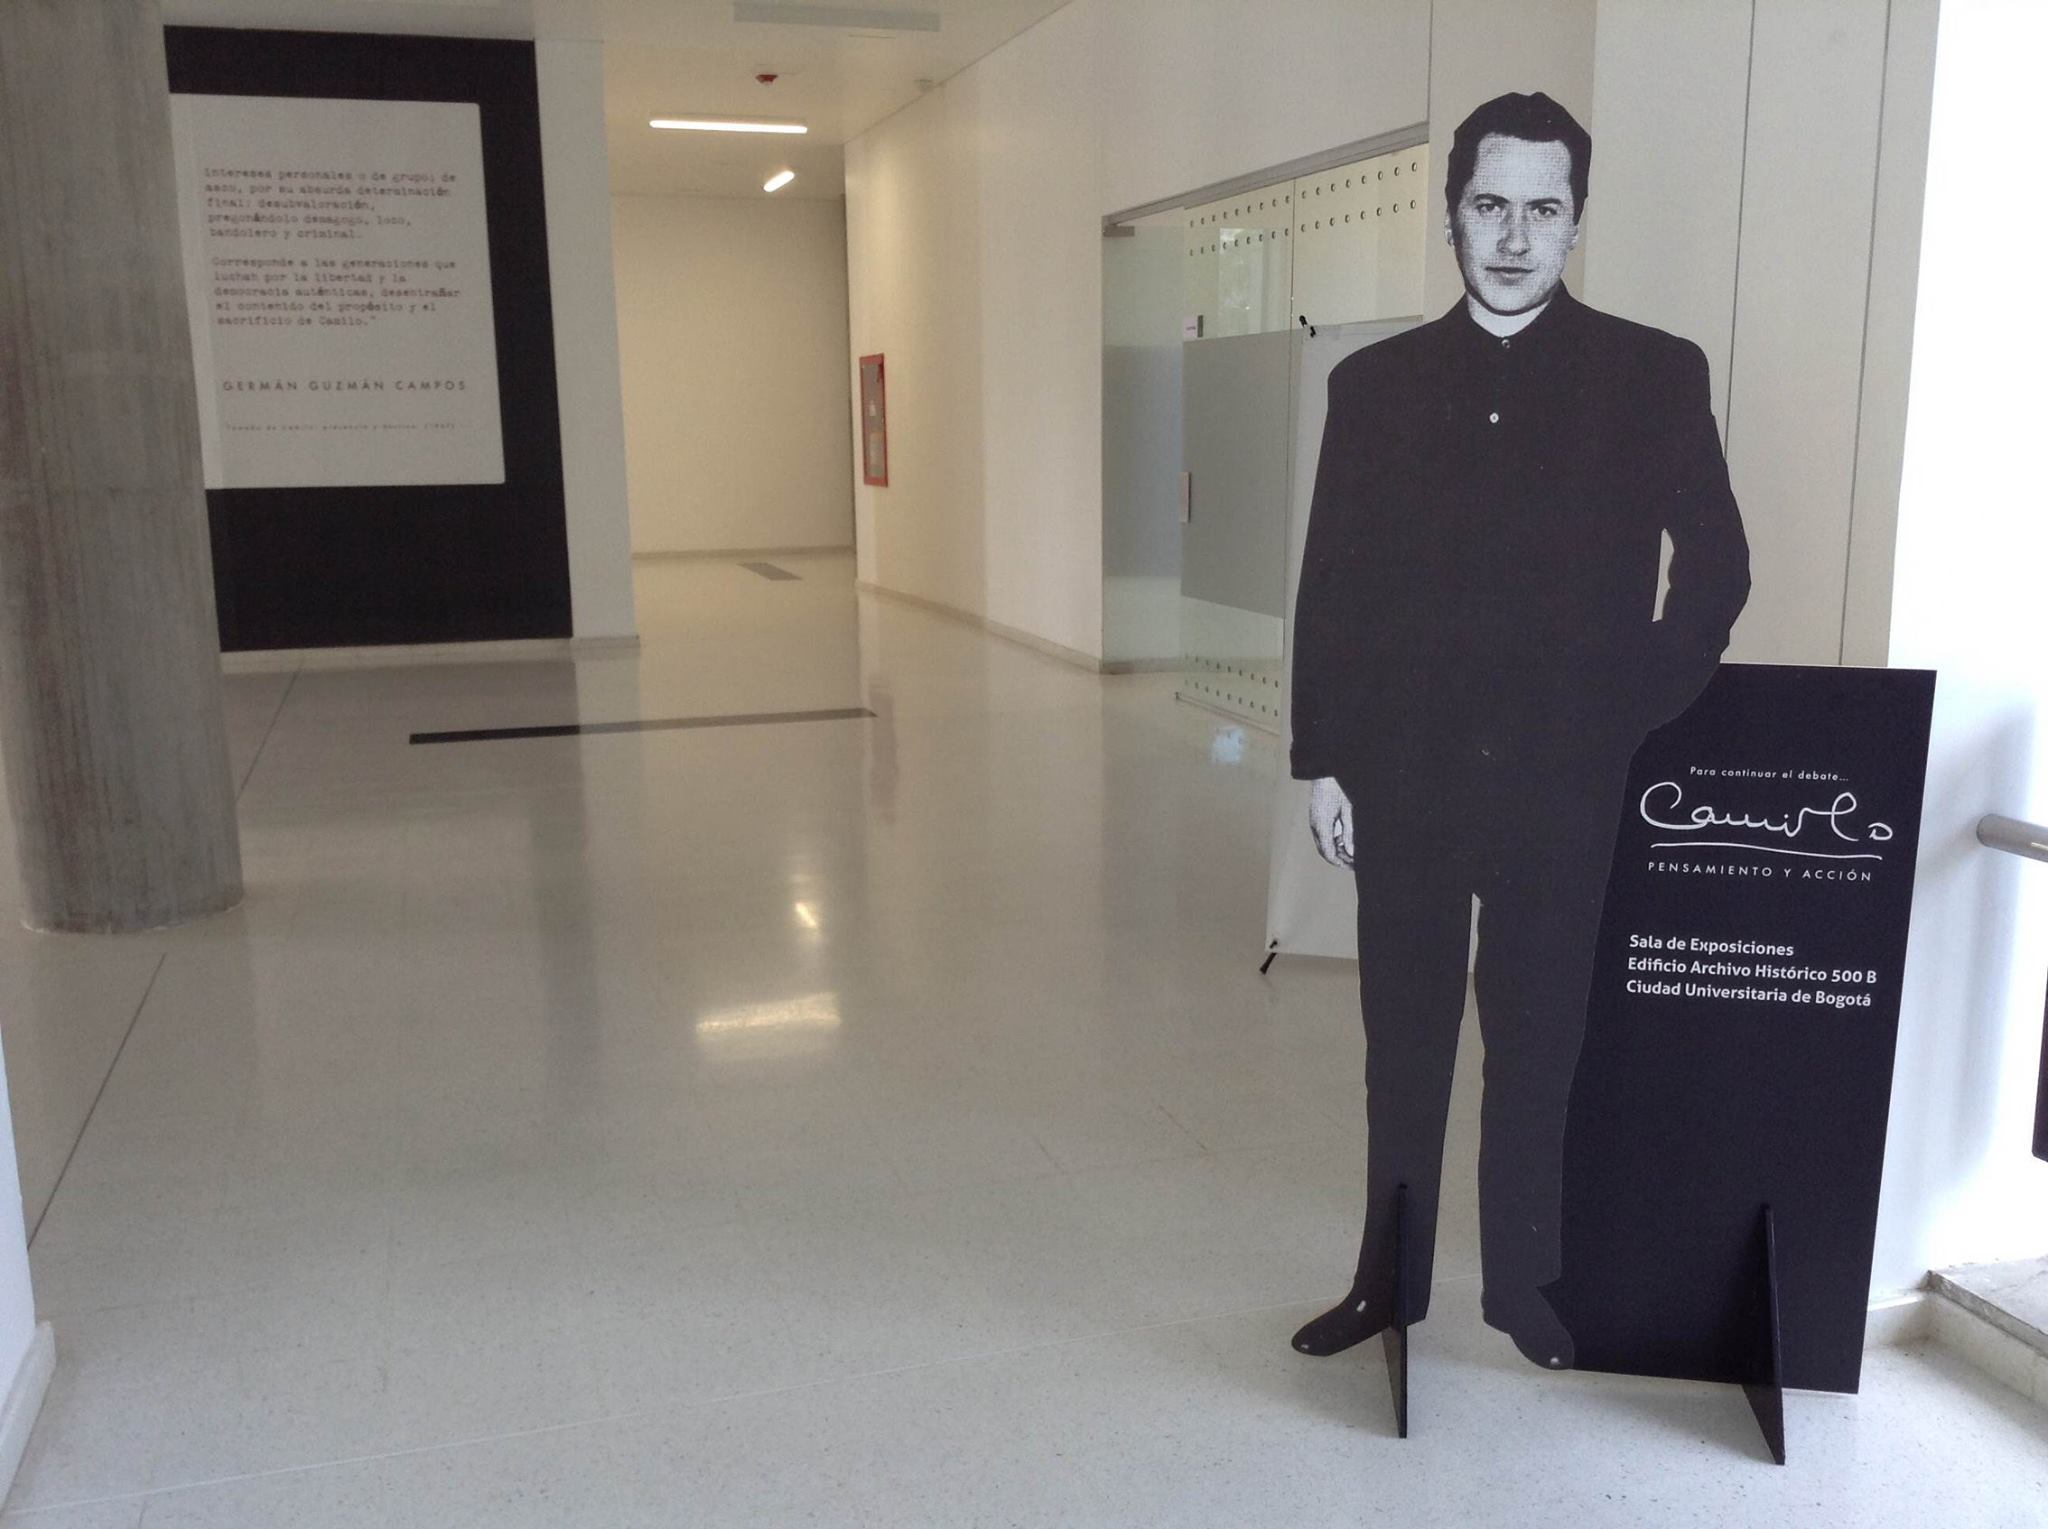 Exposición documental «Camilo: pensamiento y acción»